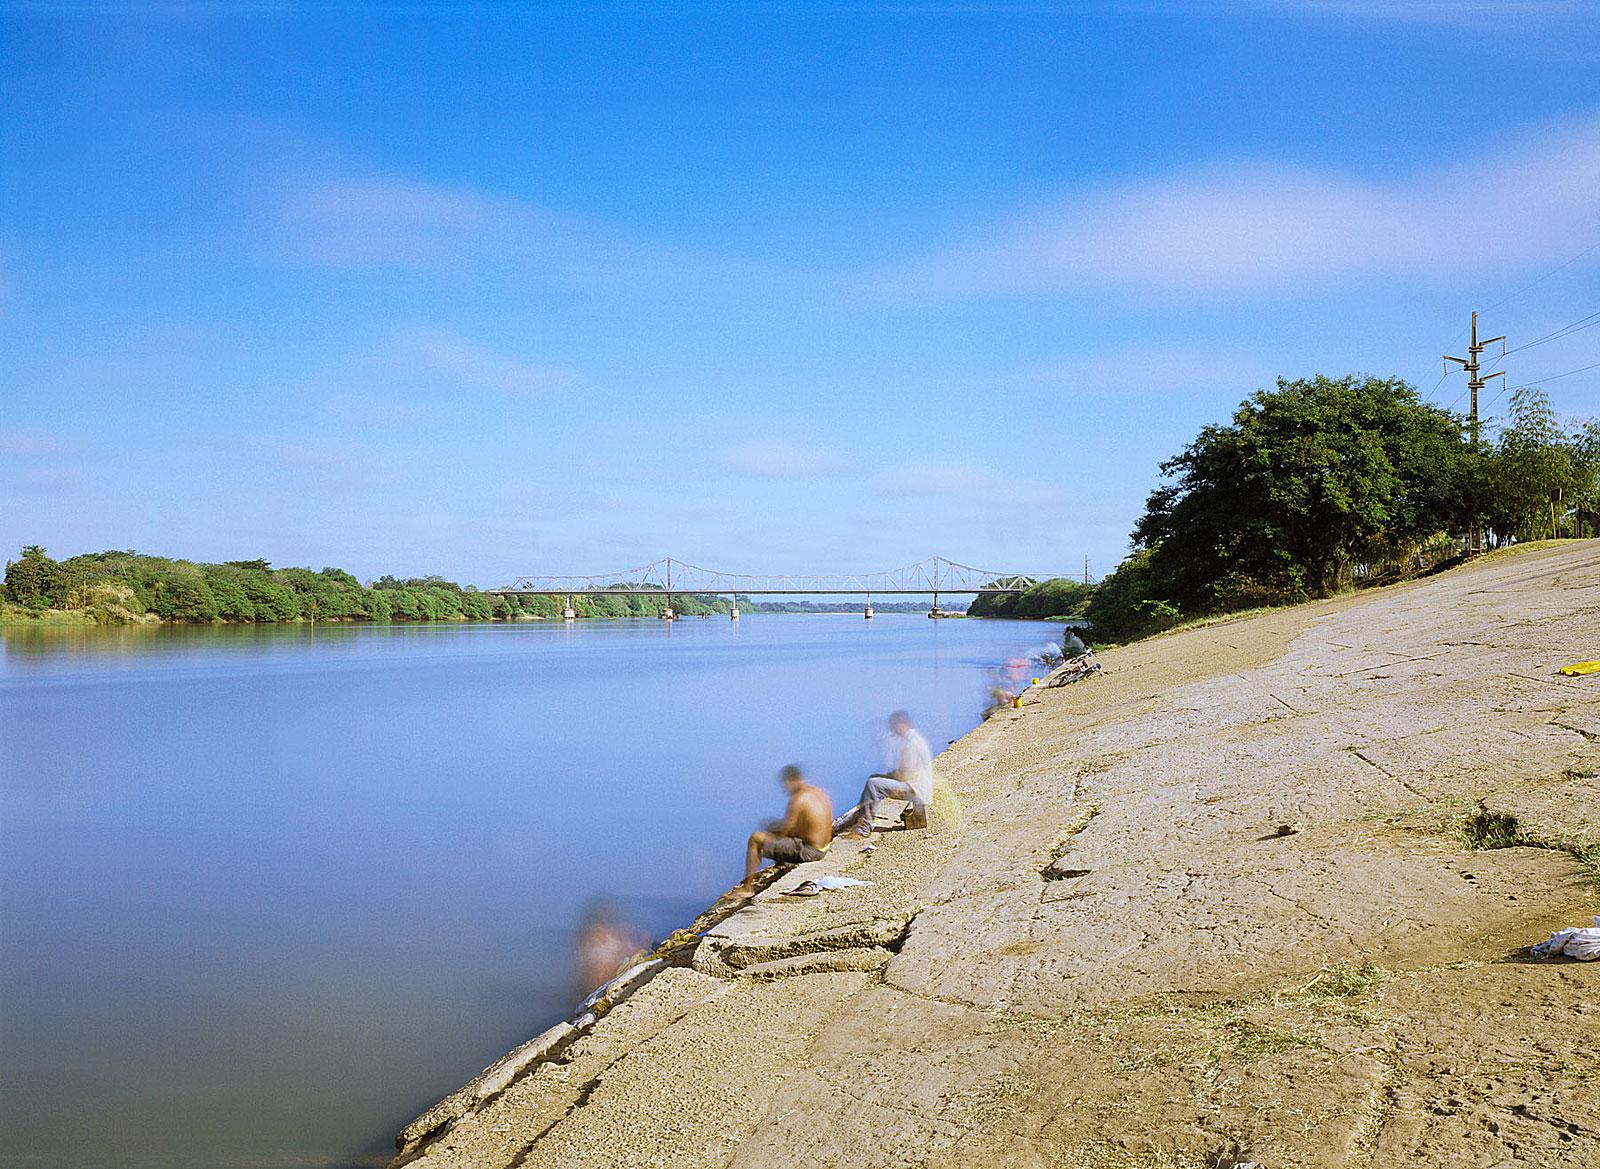 Rio Parnaíba e Ponte Metálica, Teresina (7.11 - 7.21 Uhr, 15.8.2003)